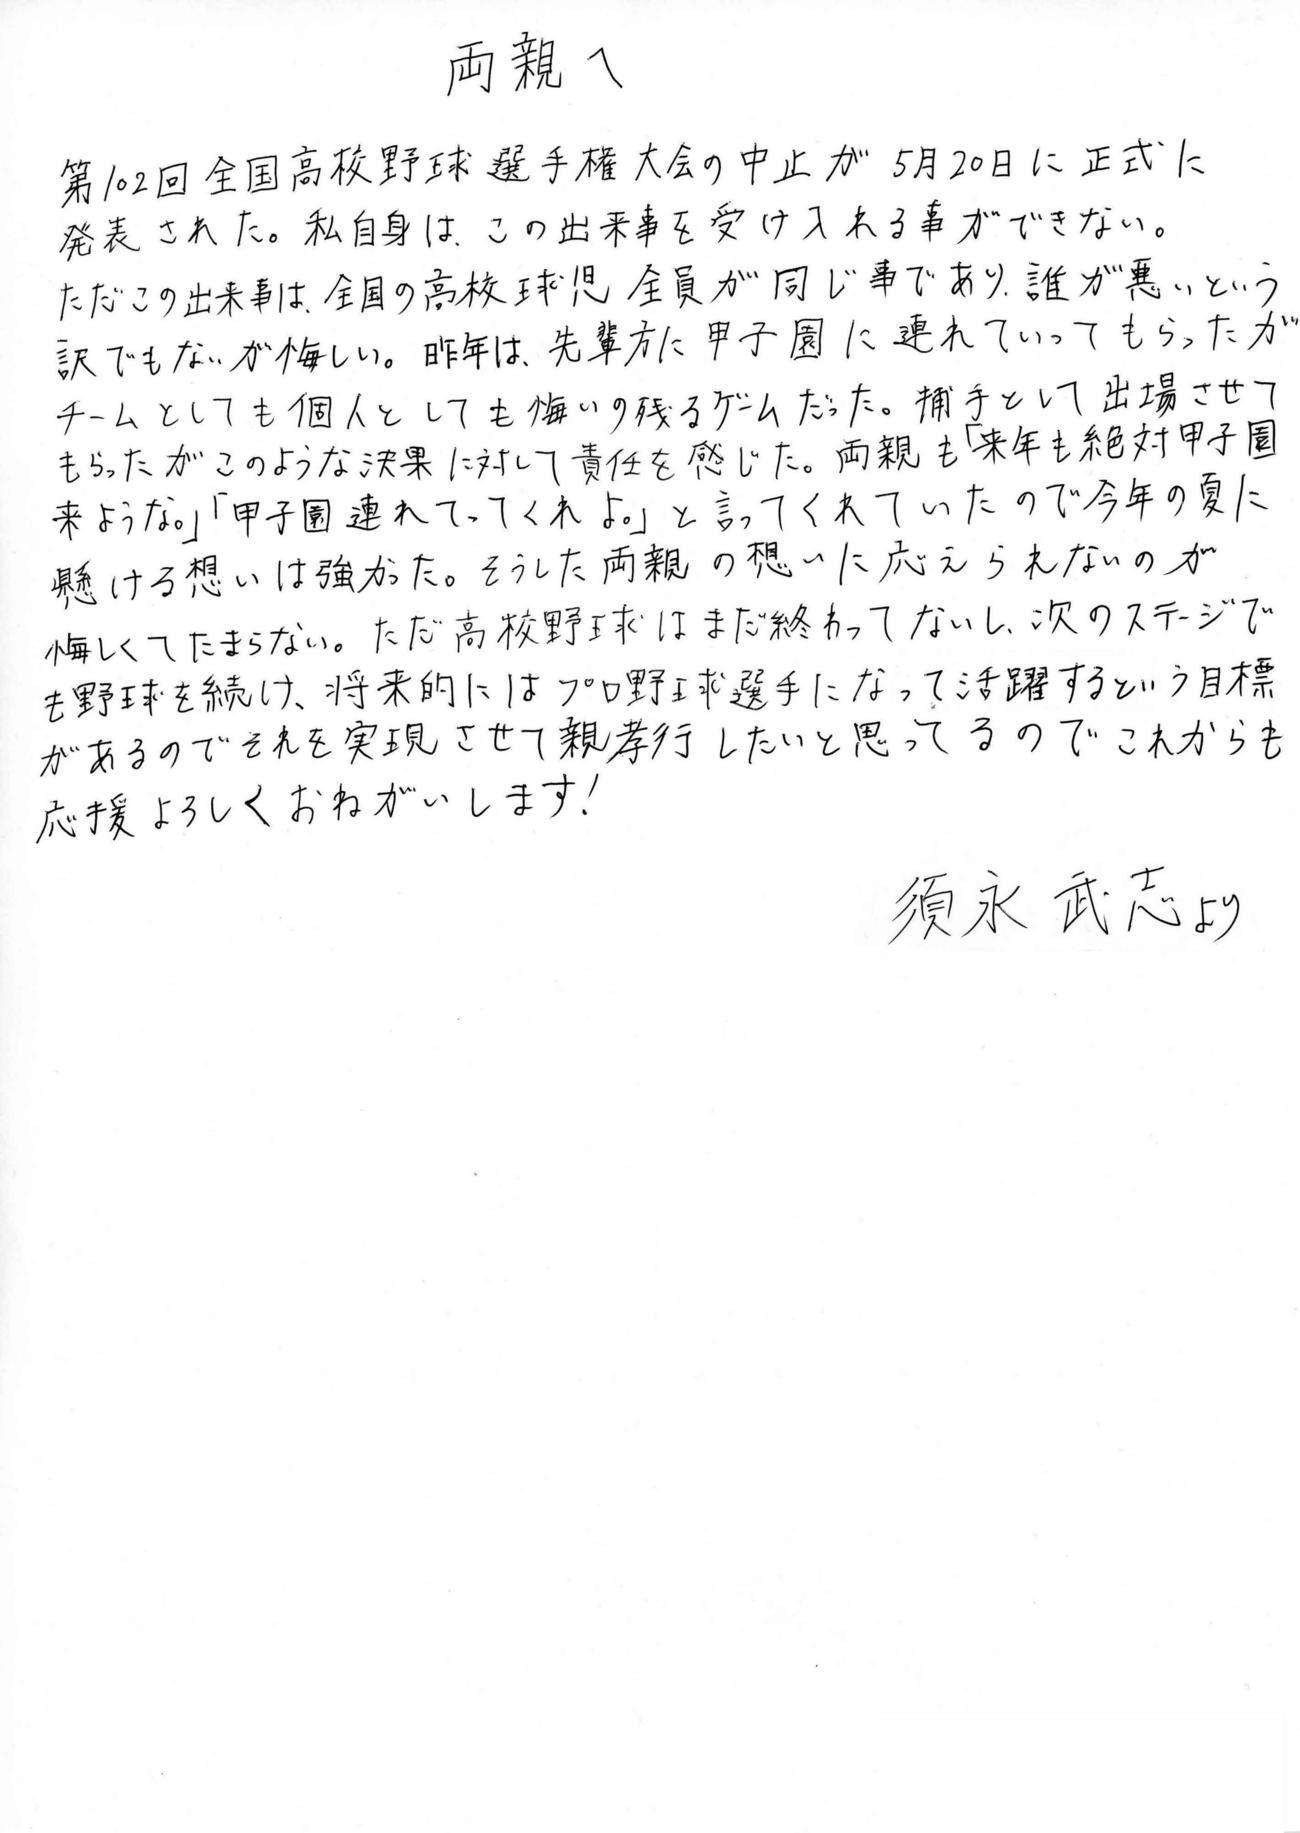 前橋育英・須永武志主将から両親への手紙